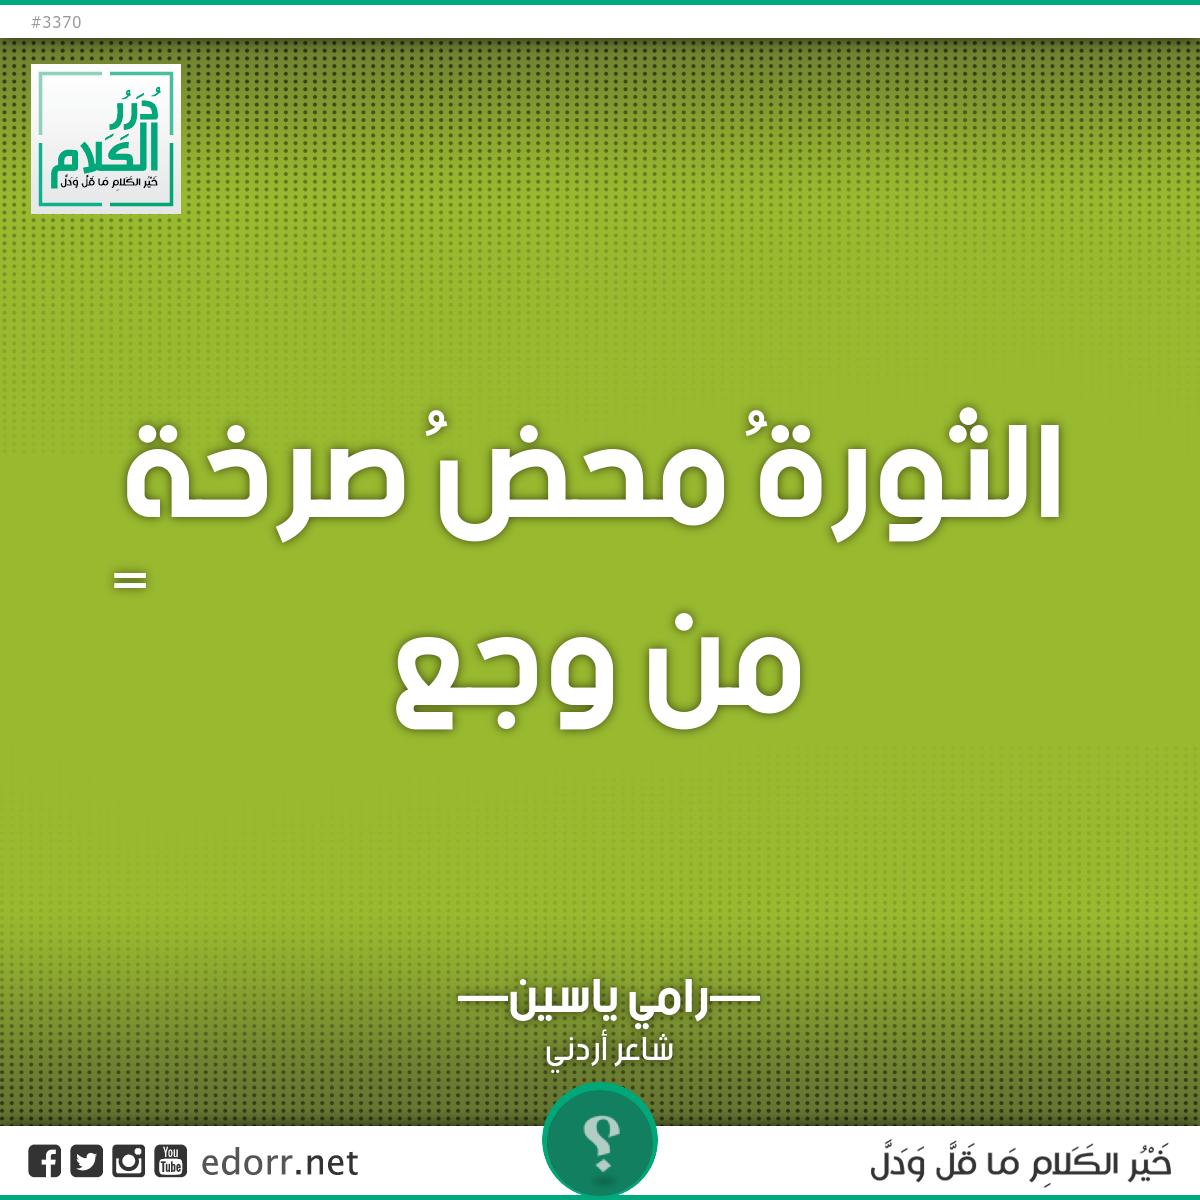 الثورةُ محضُ صرخةٍ من وجع.